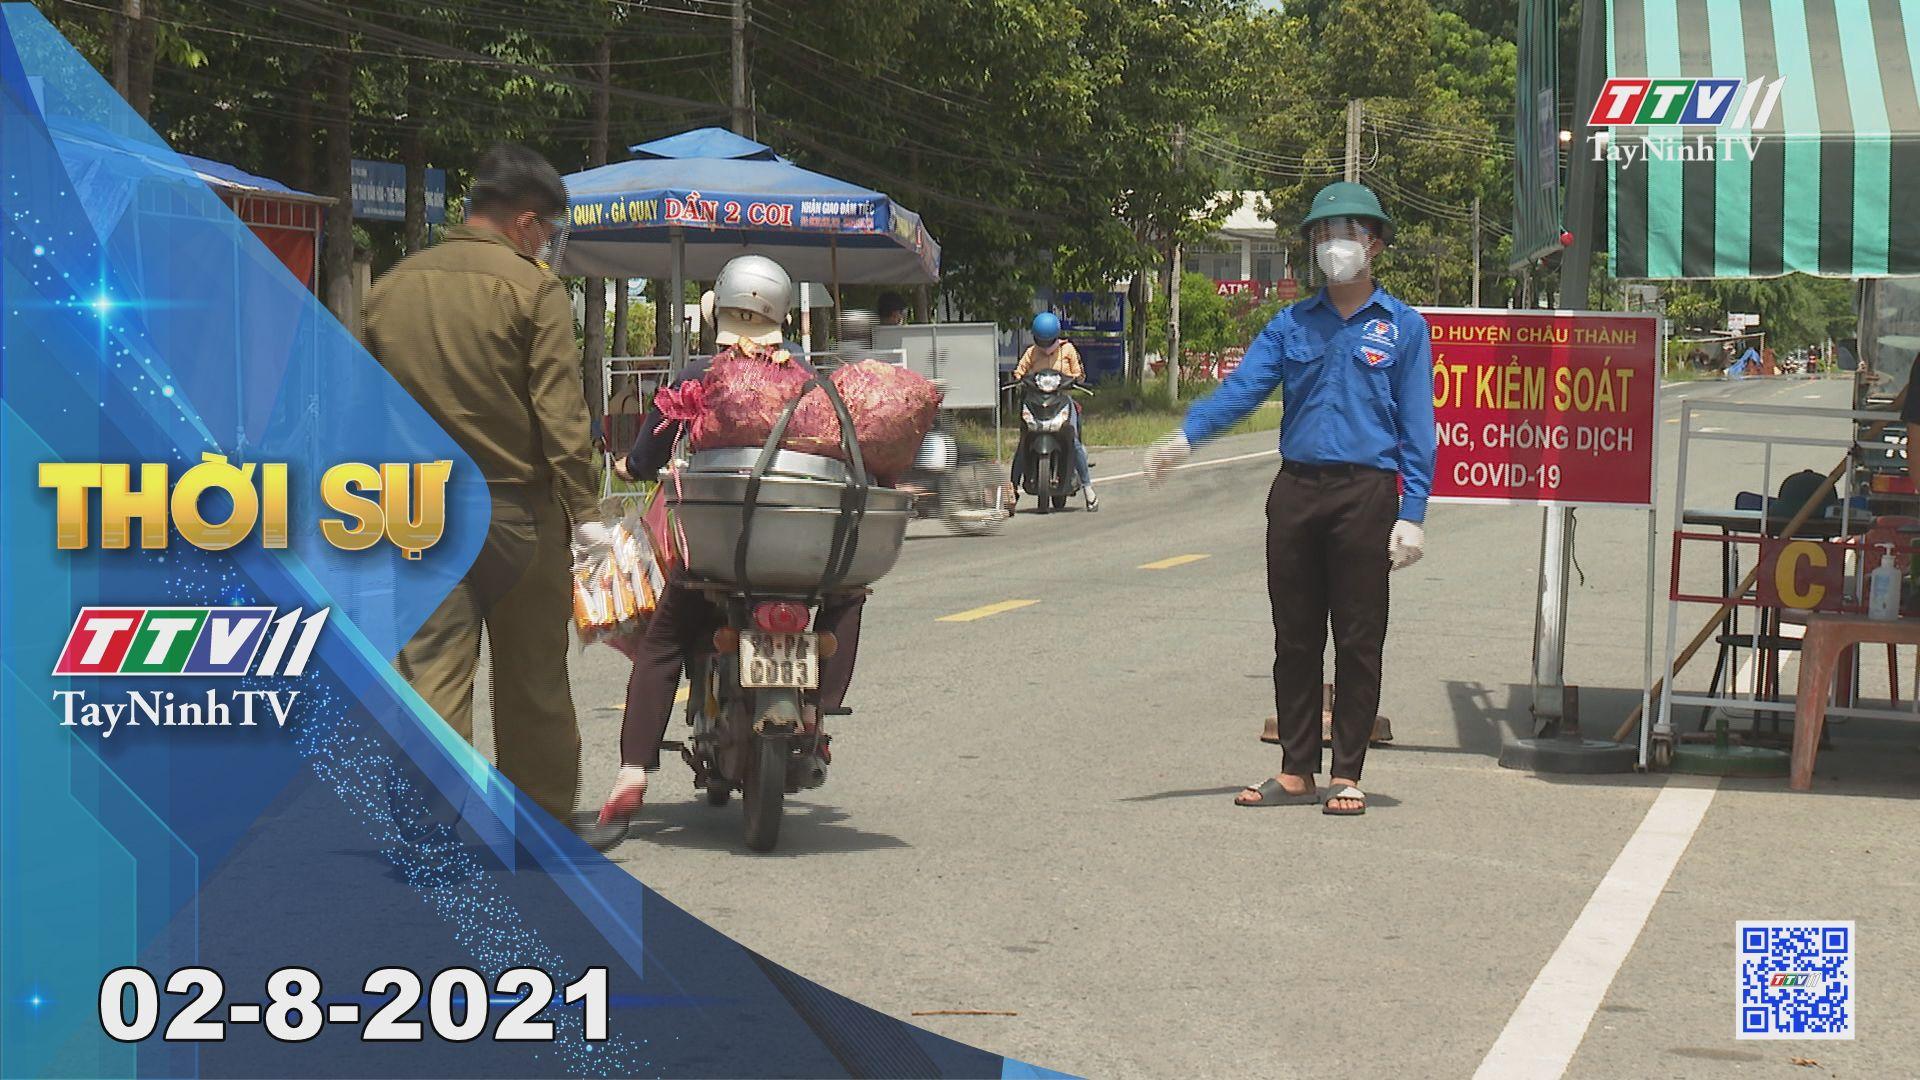 Thời sự Tây Ninh 02-8-2021 | Tin tức hôm nay | TayNinhTV